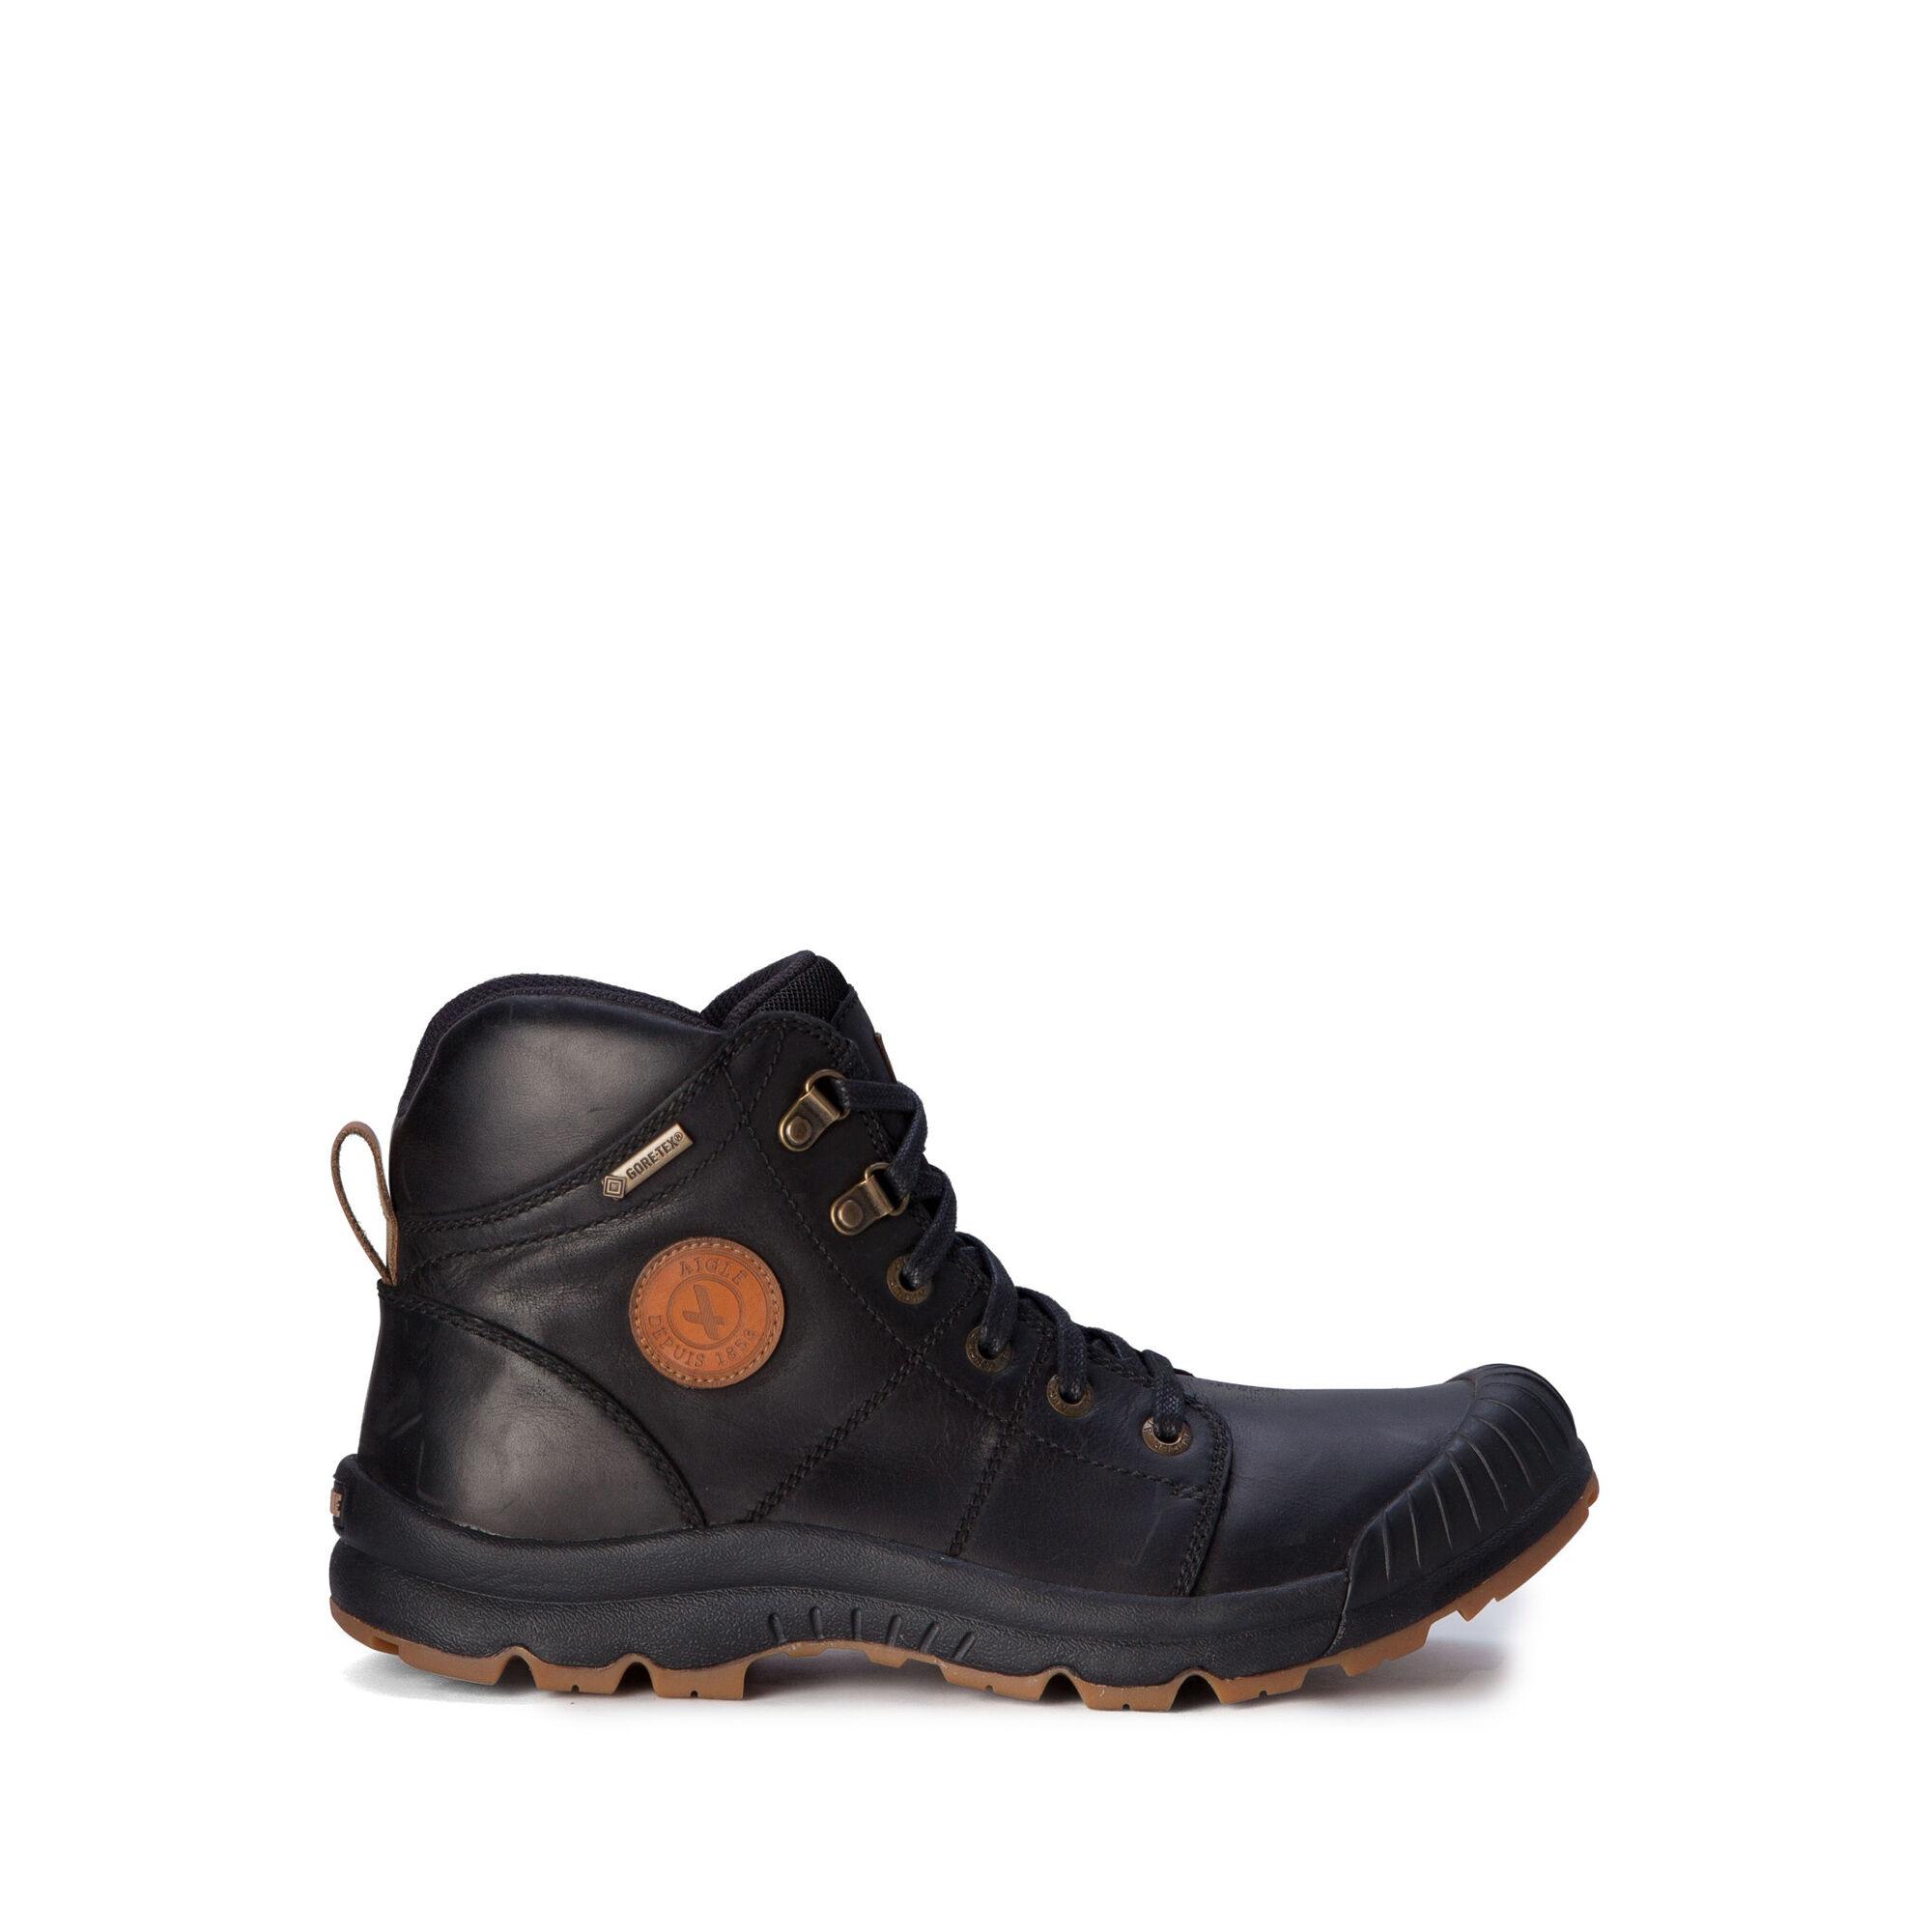 Aigle Chaussures Homme Imperméables Cuir De Marche q6S0Pz